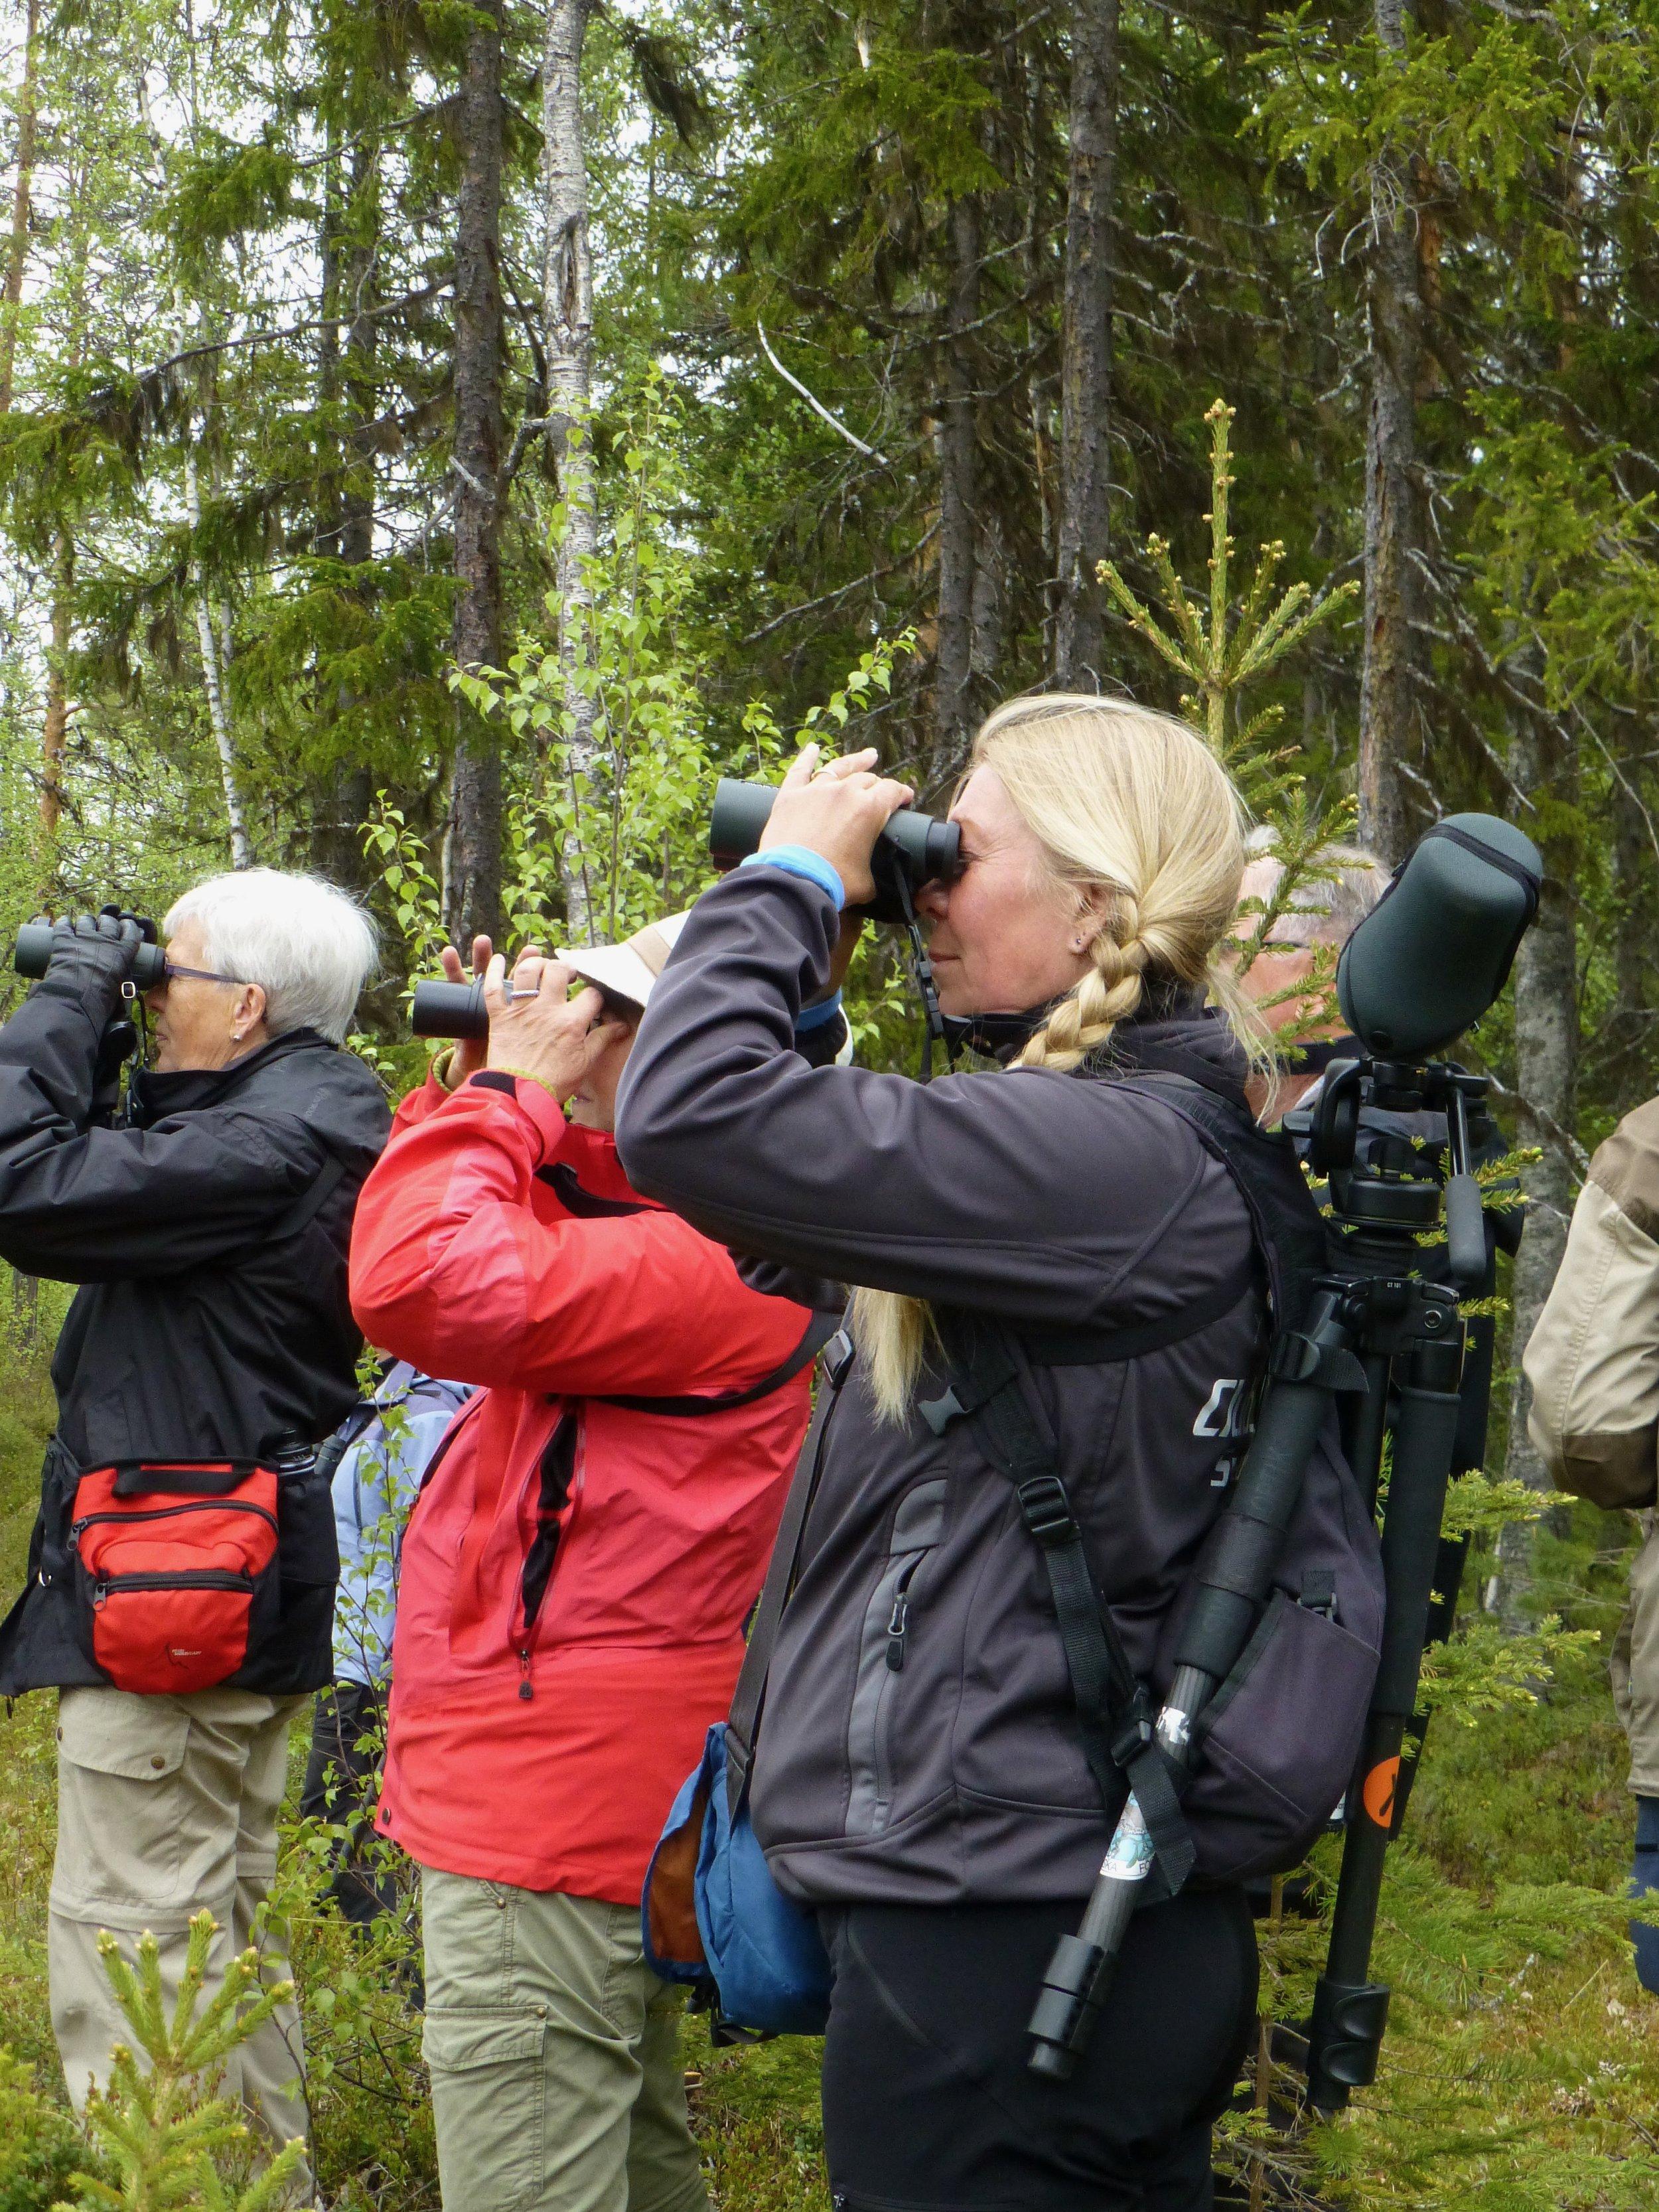 May June  Ett av Arthotel Tornedalens populäraste arrangemang är Skåda fågel med Gigi Sahlstrand, en av Sveriges få professionella skådare. Gigi är vår fantastiska guide, passionerad och kunnig och det hon inte vet om fåglar är inte värt att veta. Nu i februari kan vi se Gigi på SVT i en serie om fågelskådning.  Vill du också börja skåda eller lära dig mer om fåglar ska du anmäla dig redan nu till 2018 års fågelskådning.Vi tar emot tio personer och till femårsjubileet år 2017 är det fullt.   Skåda fågel